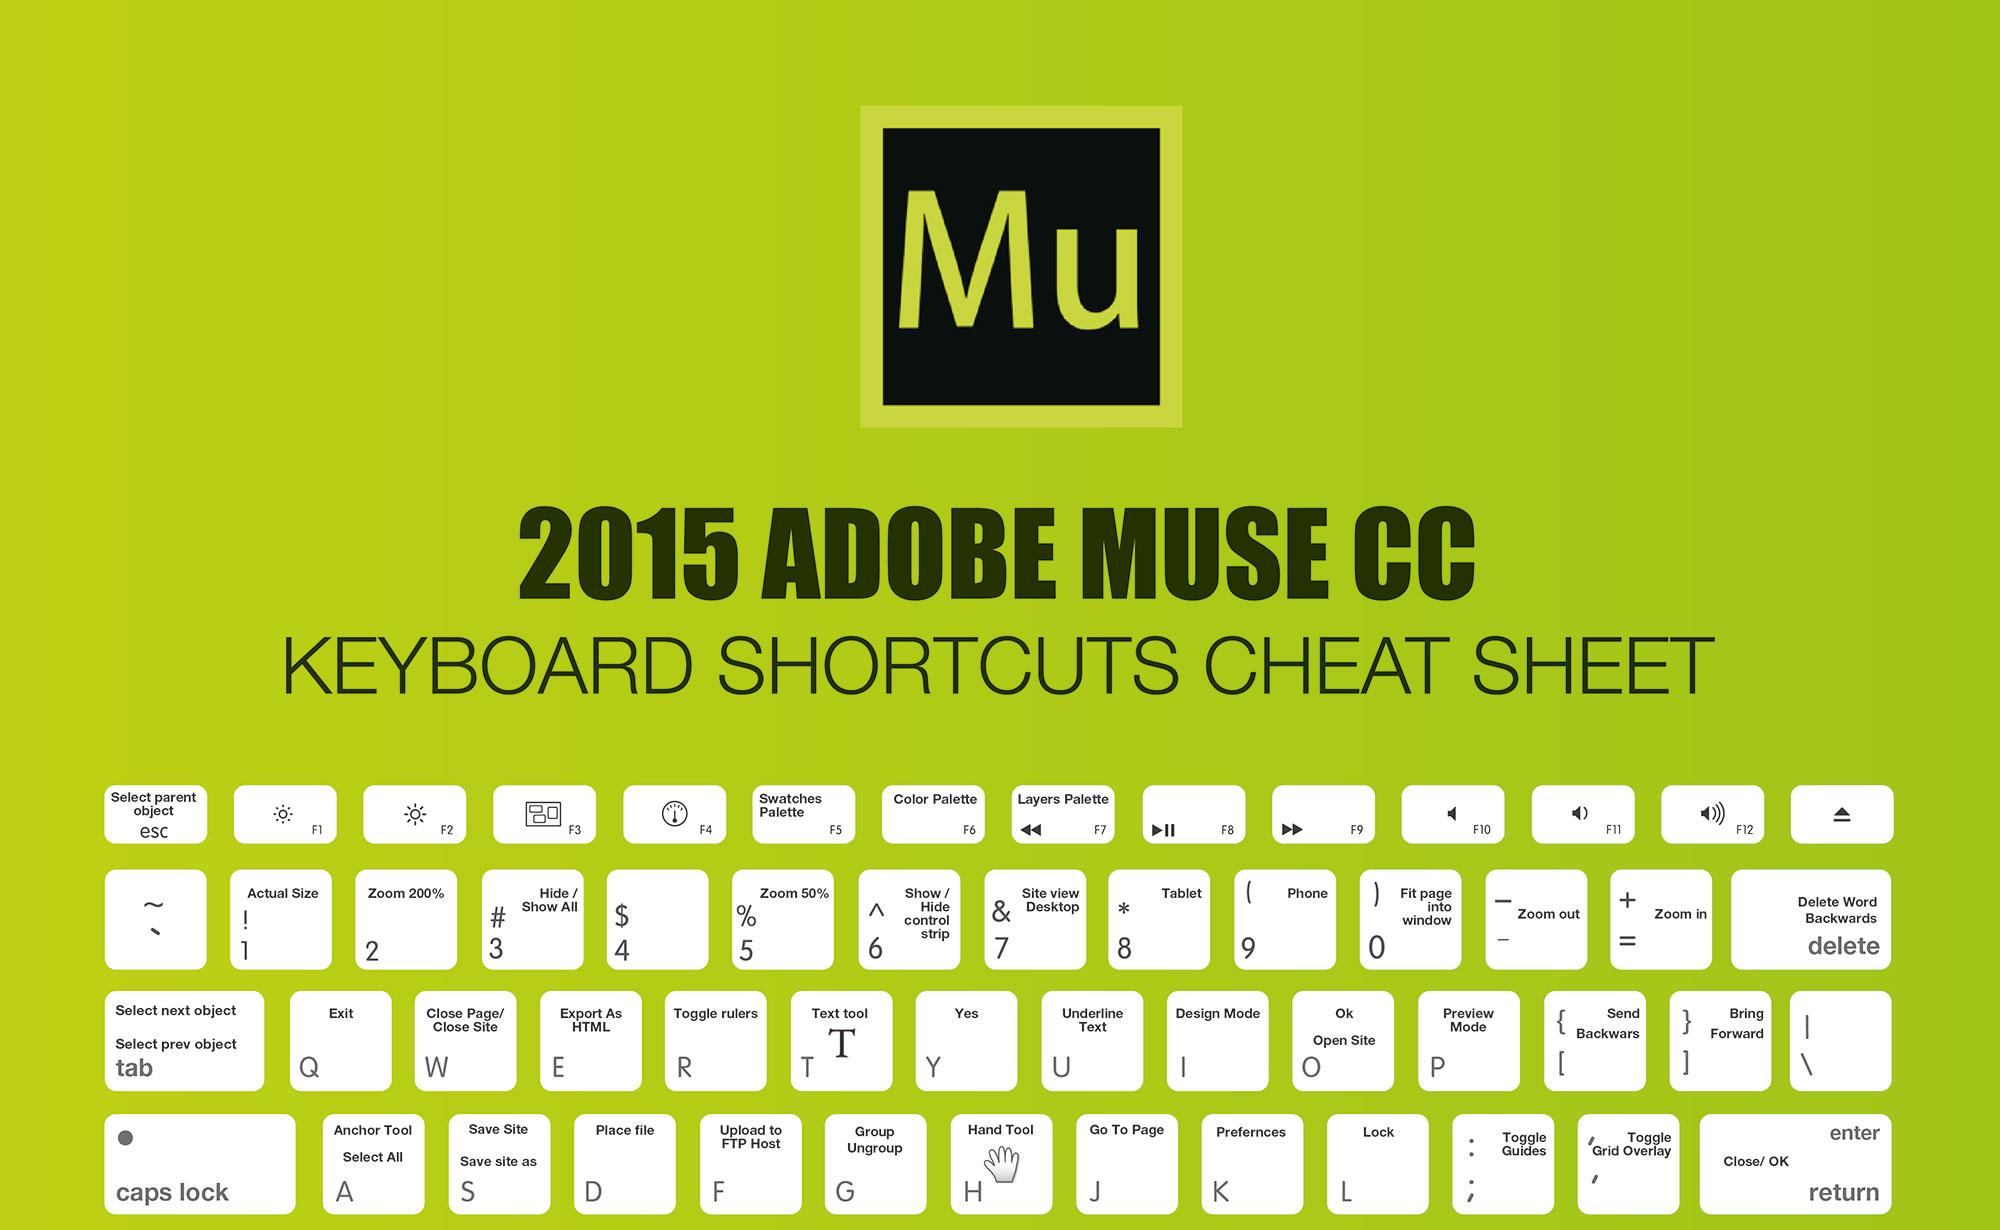 Adobe Muse cc 2015 2015 Adobe Muse Keyboard